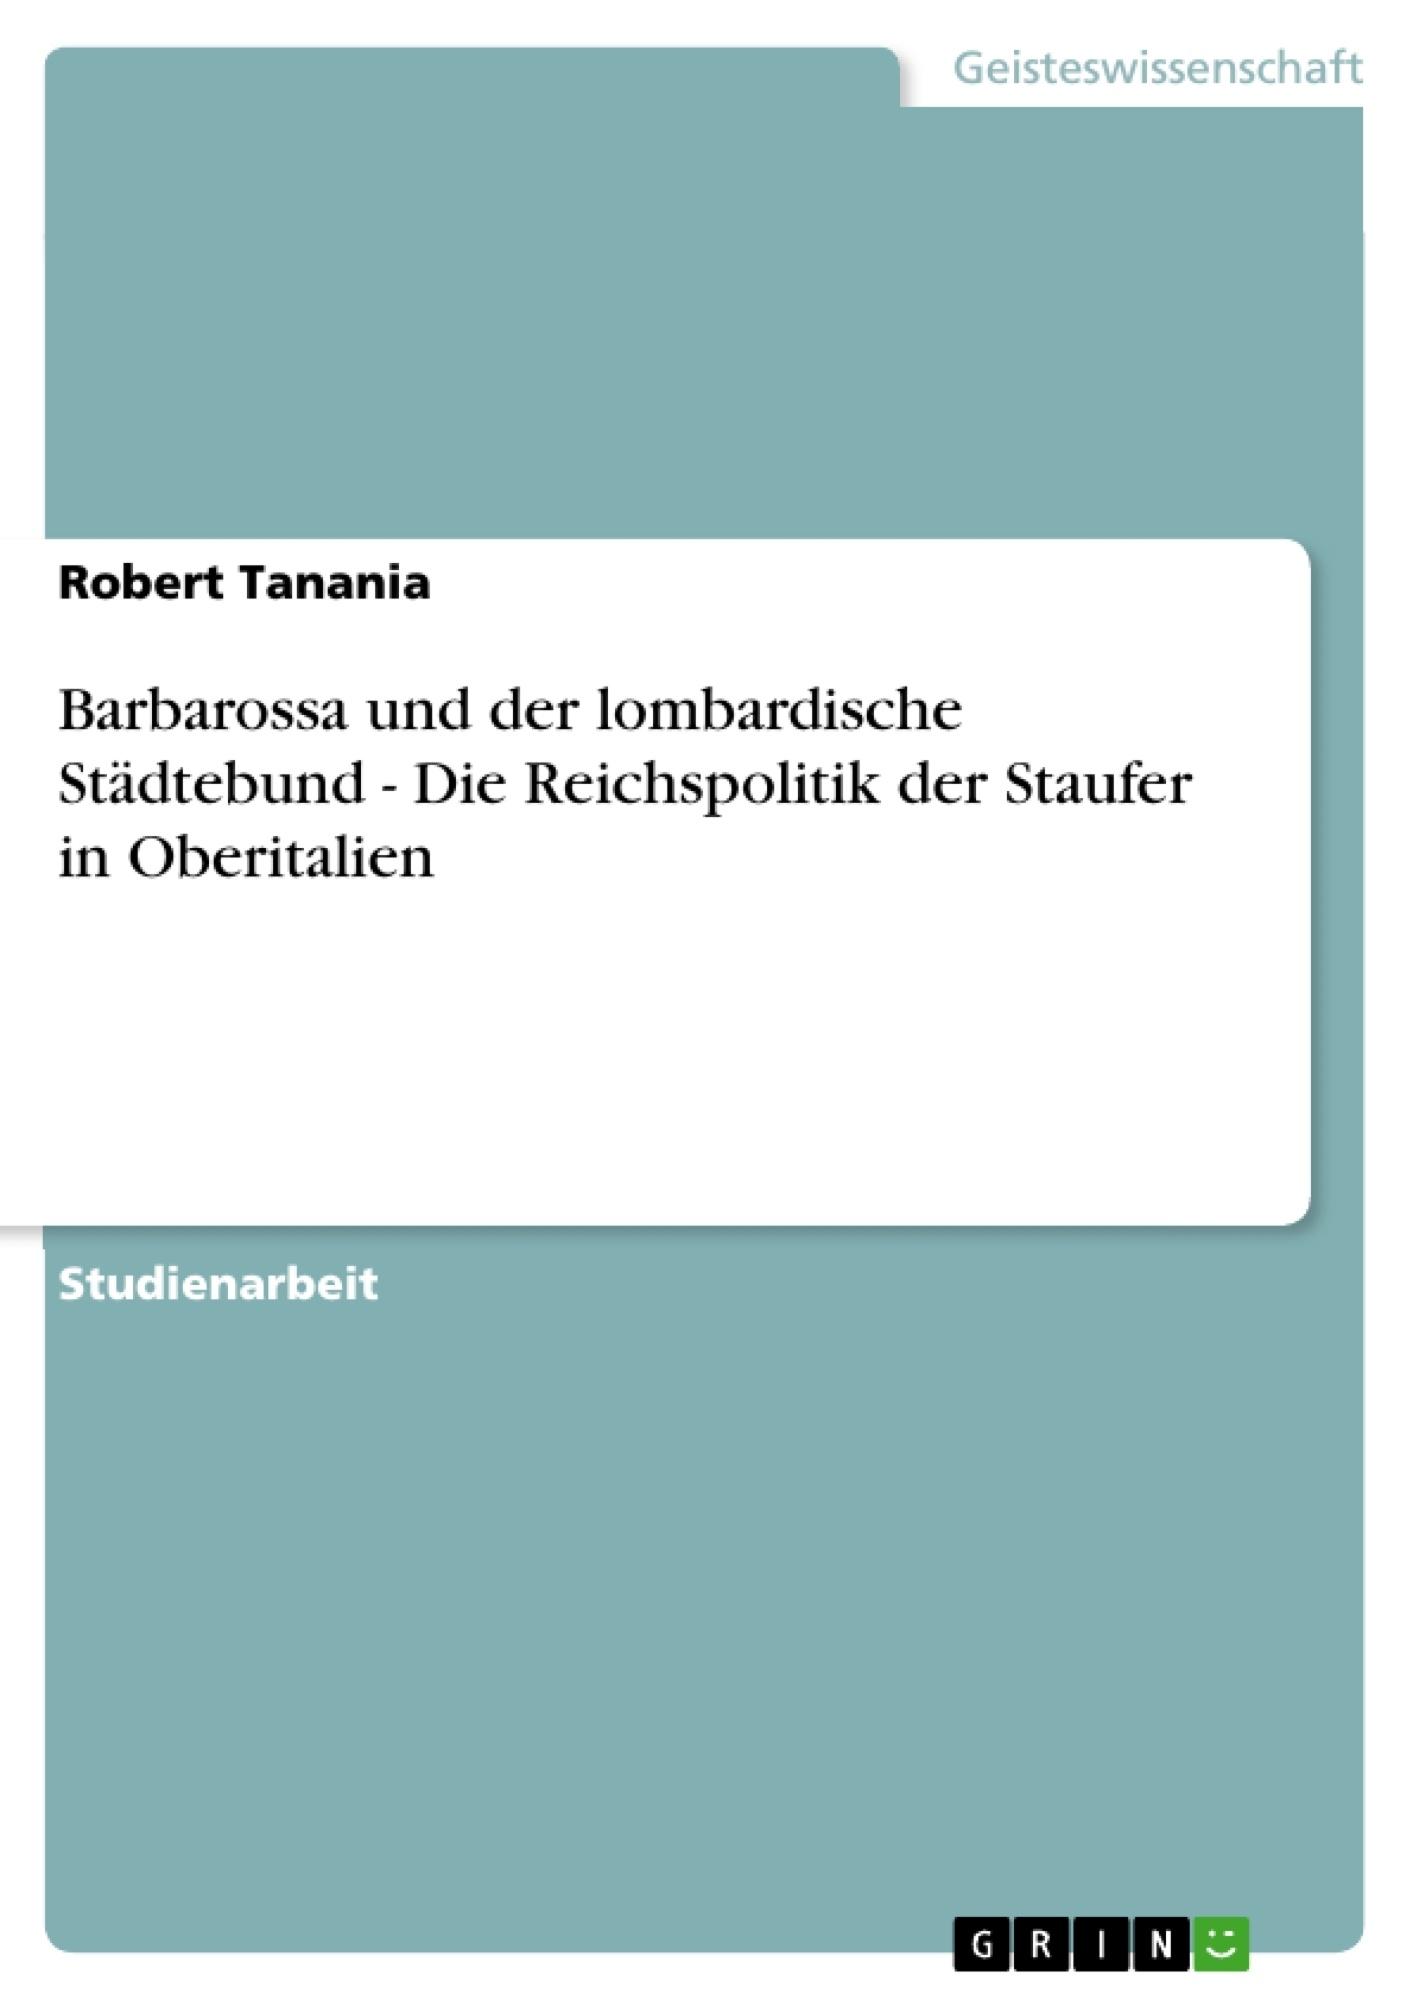 Titel: Barbarossa und der lombardische Städtebund - Die Reichspolitik der Staufer in Oberitalien